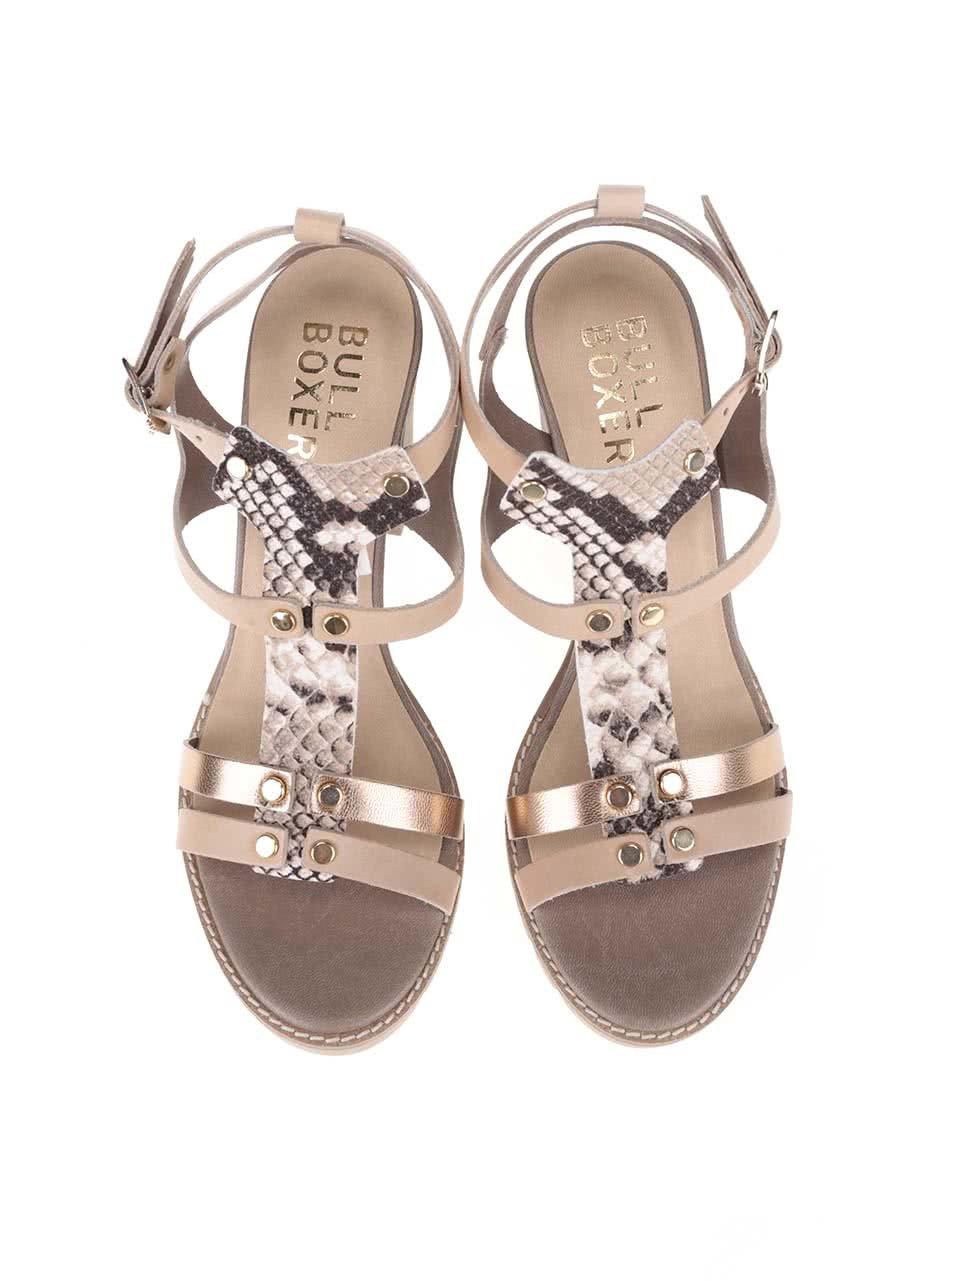 8b2af5f909e Dámské sandály na podpatku v barvě zlaté Bullboxer ...